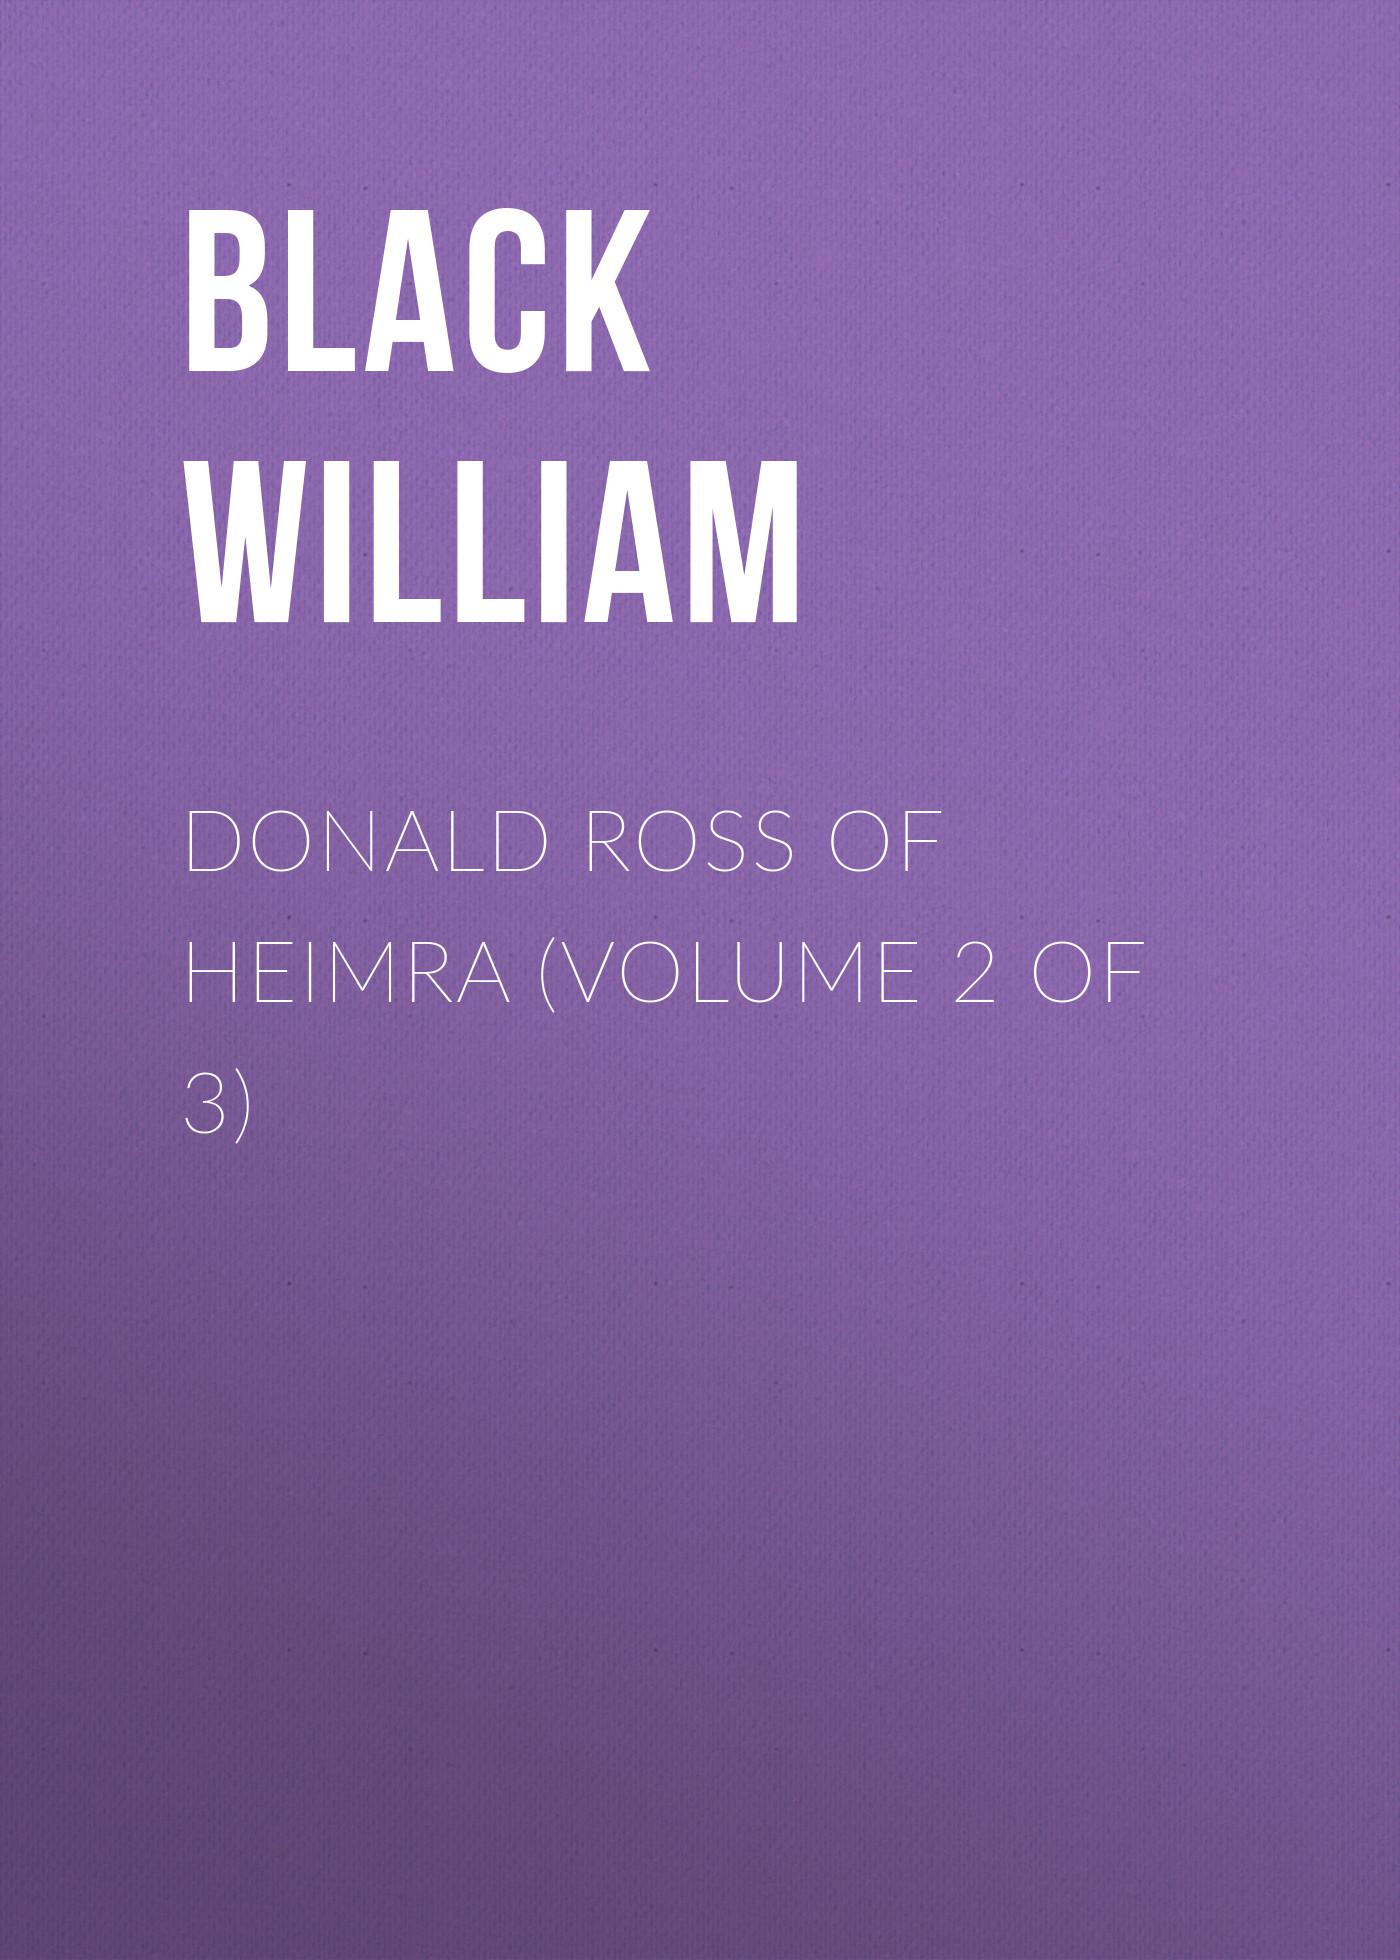 лучшая цена Black William Donald Ross of Heimra (Volume 2 of 3)